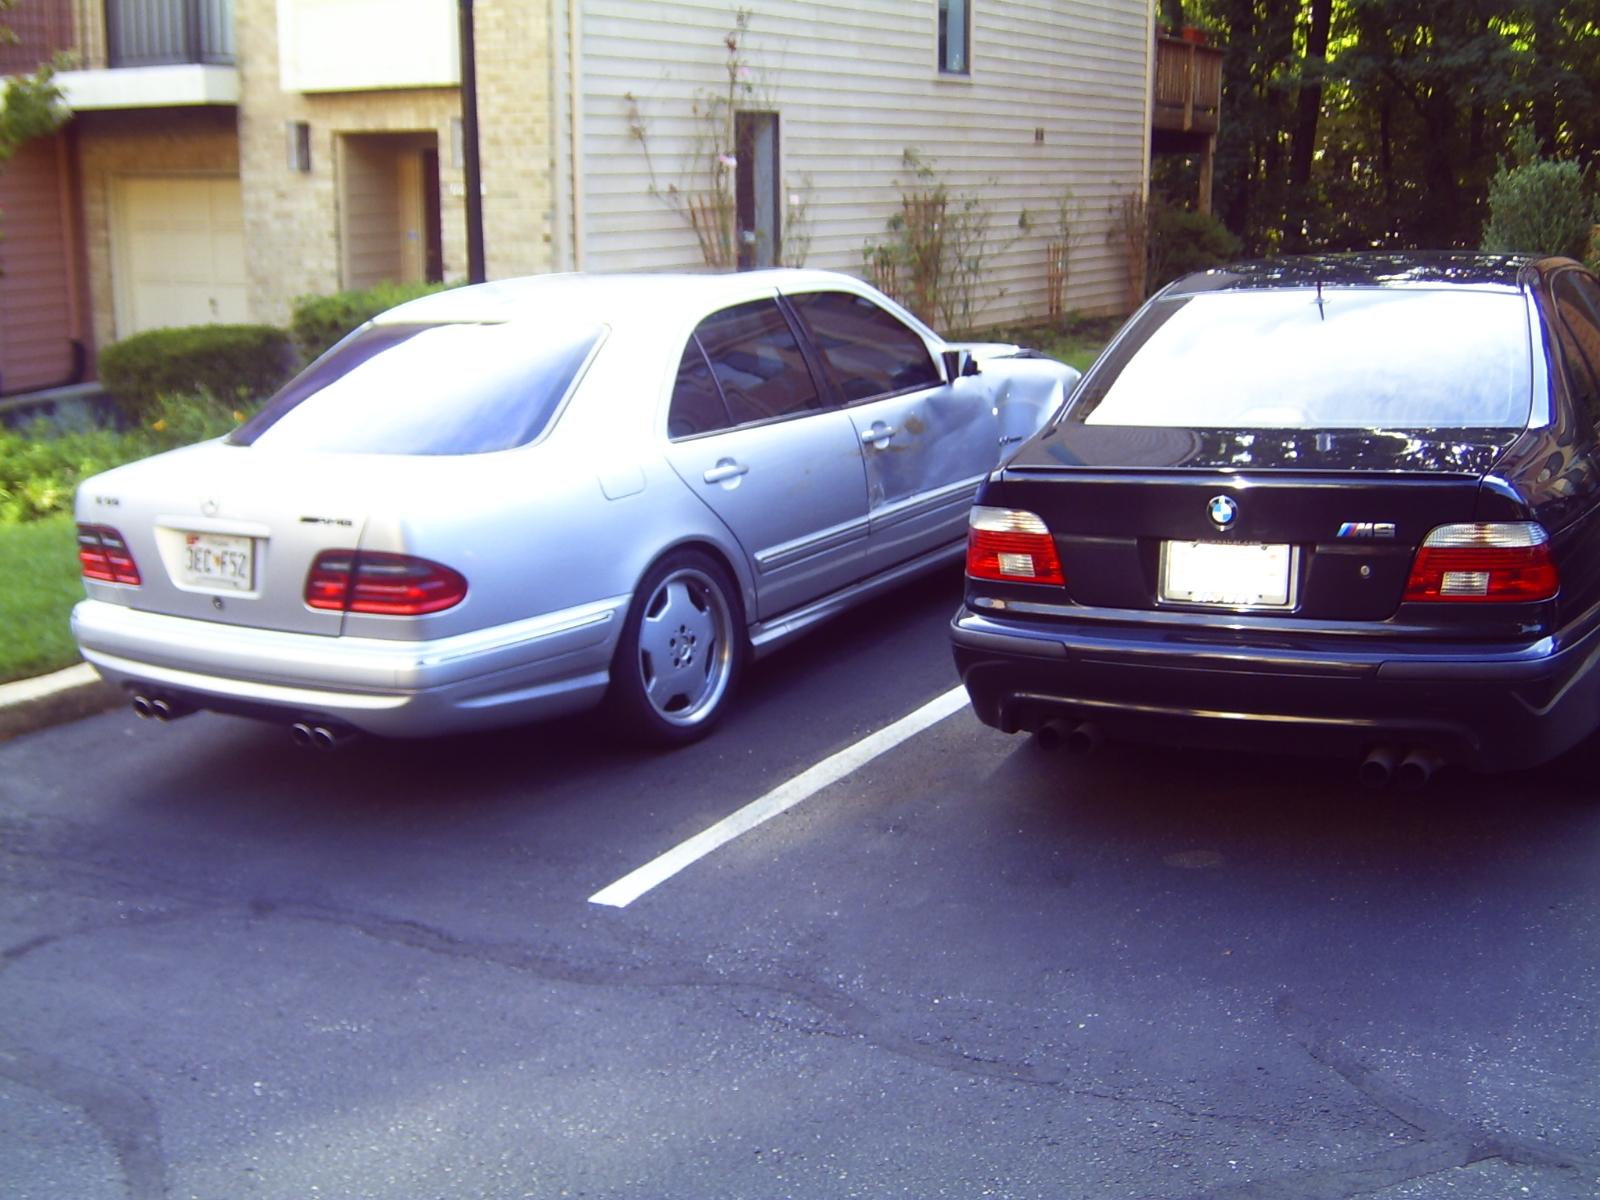 W210 E55 AMG to E39 M5 - The